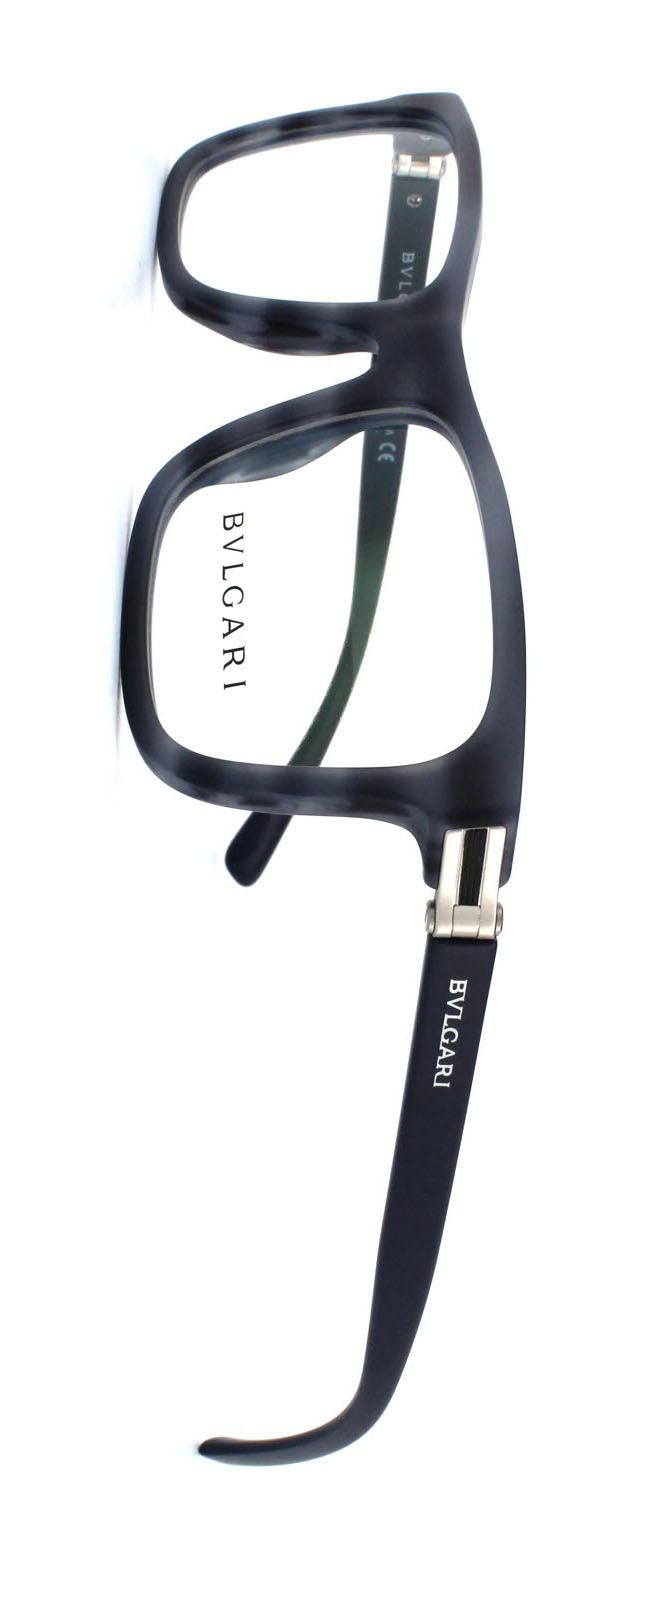 Bvlgari 3029 rectangular prescription glasses for men | EyeWearThese | #bvlgari #bulgari #eyewear #optical